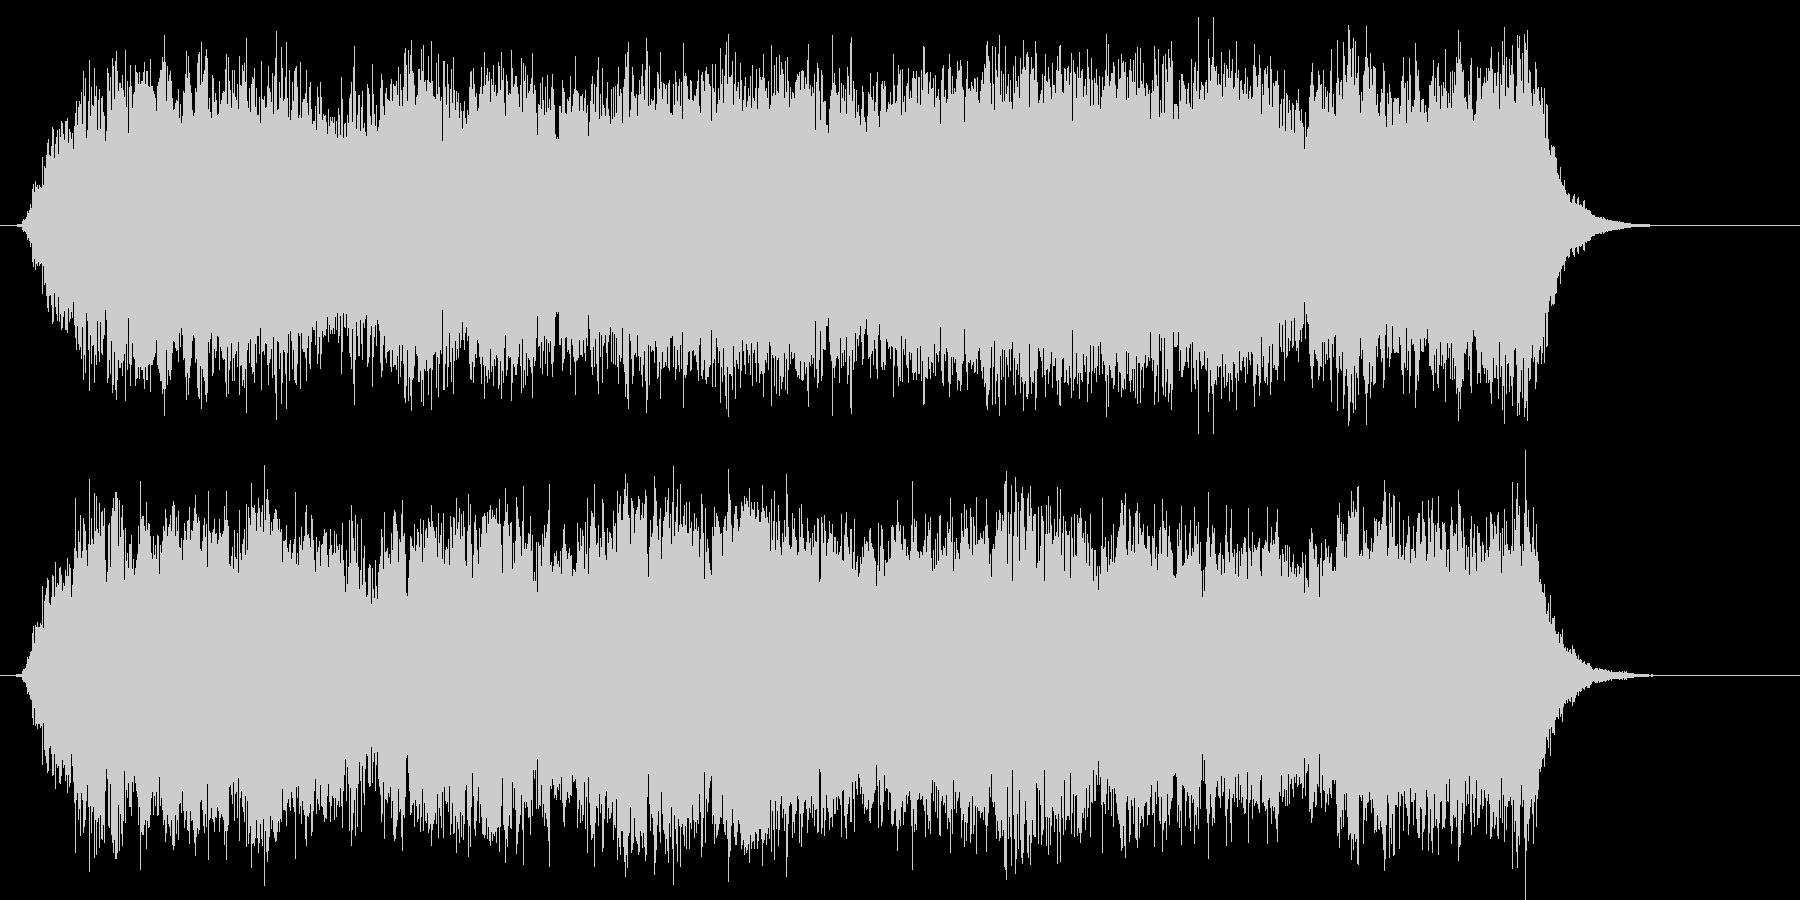 オーケストラのような構成の力強いポップスの未再生の波形